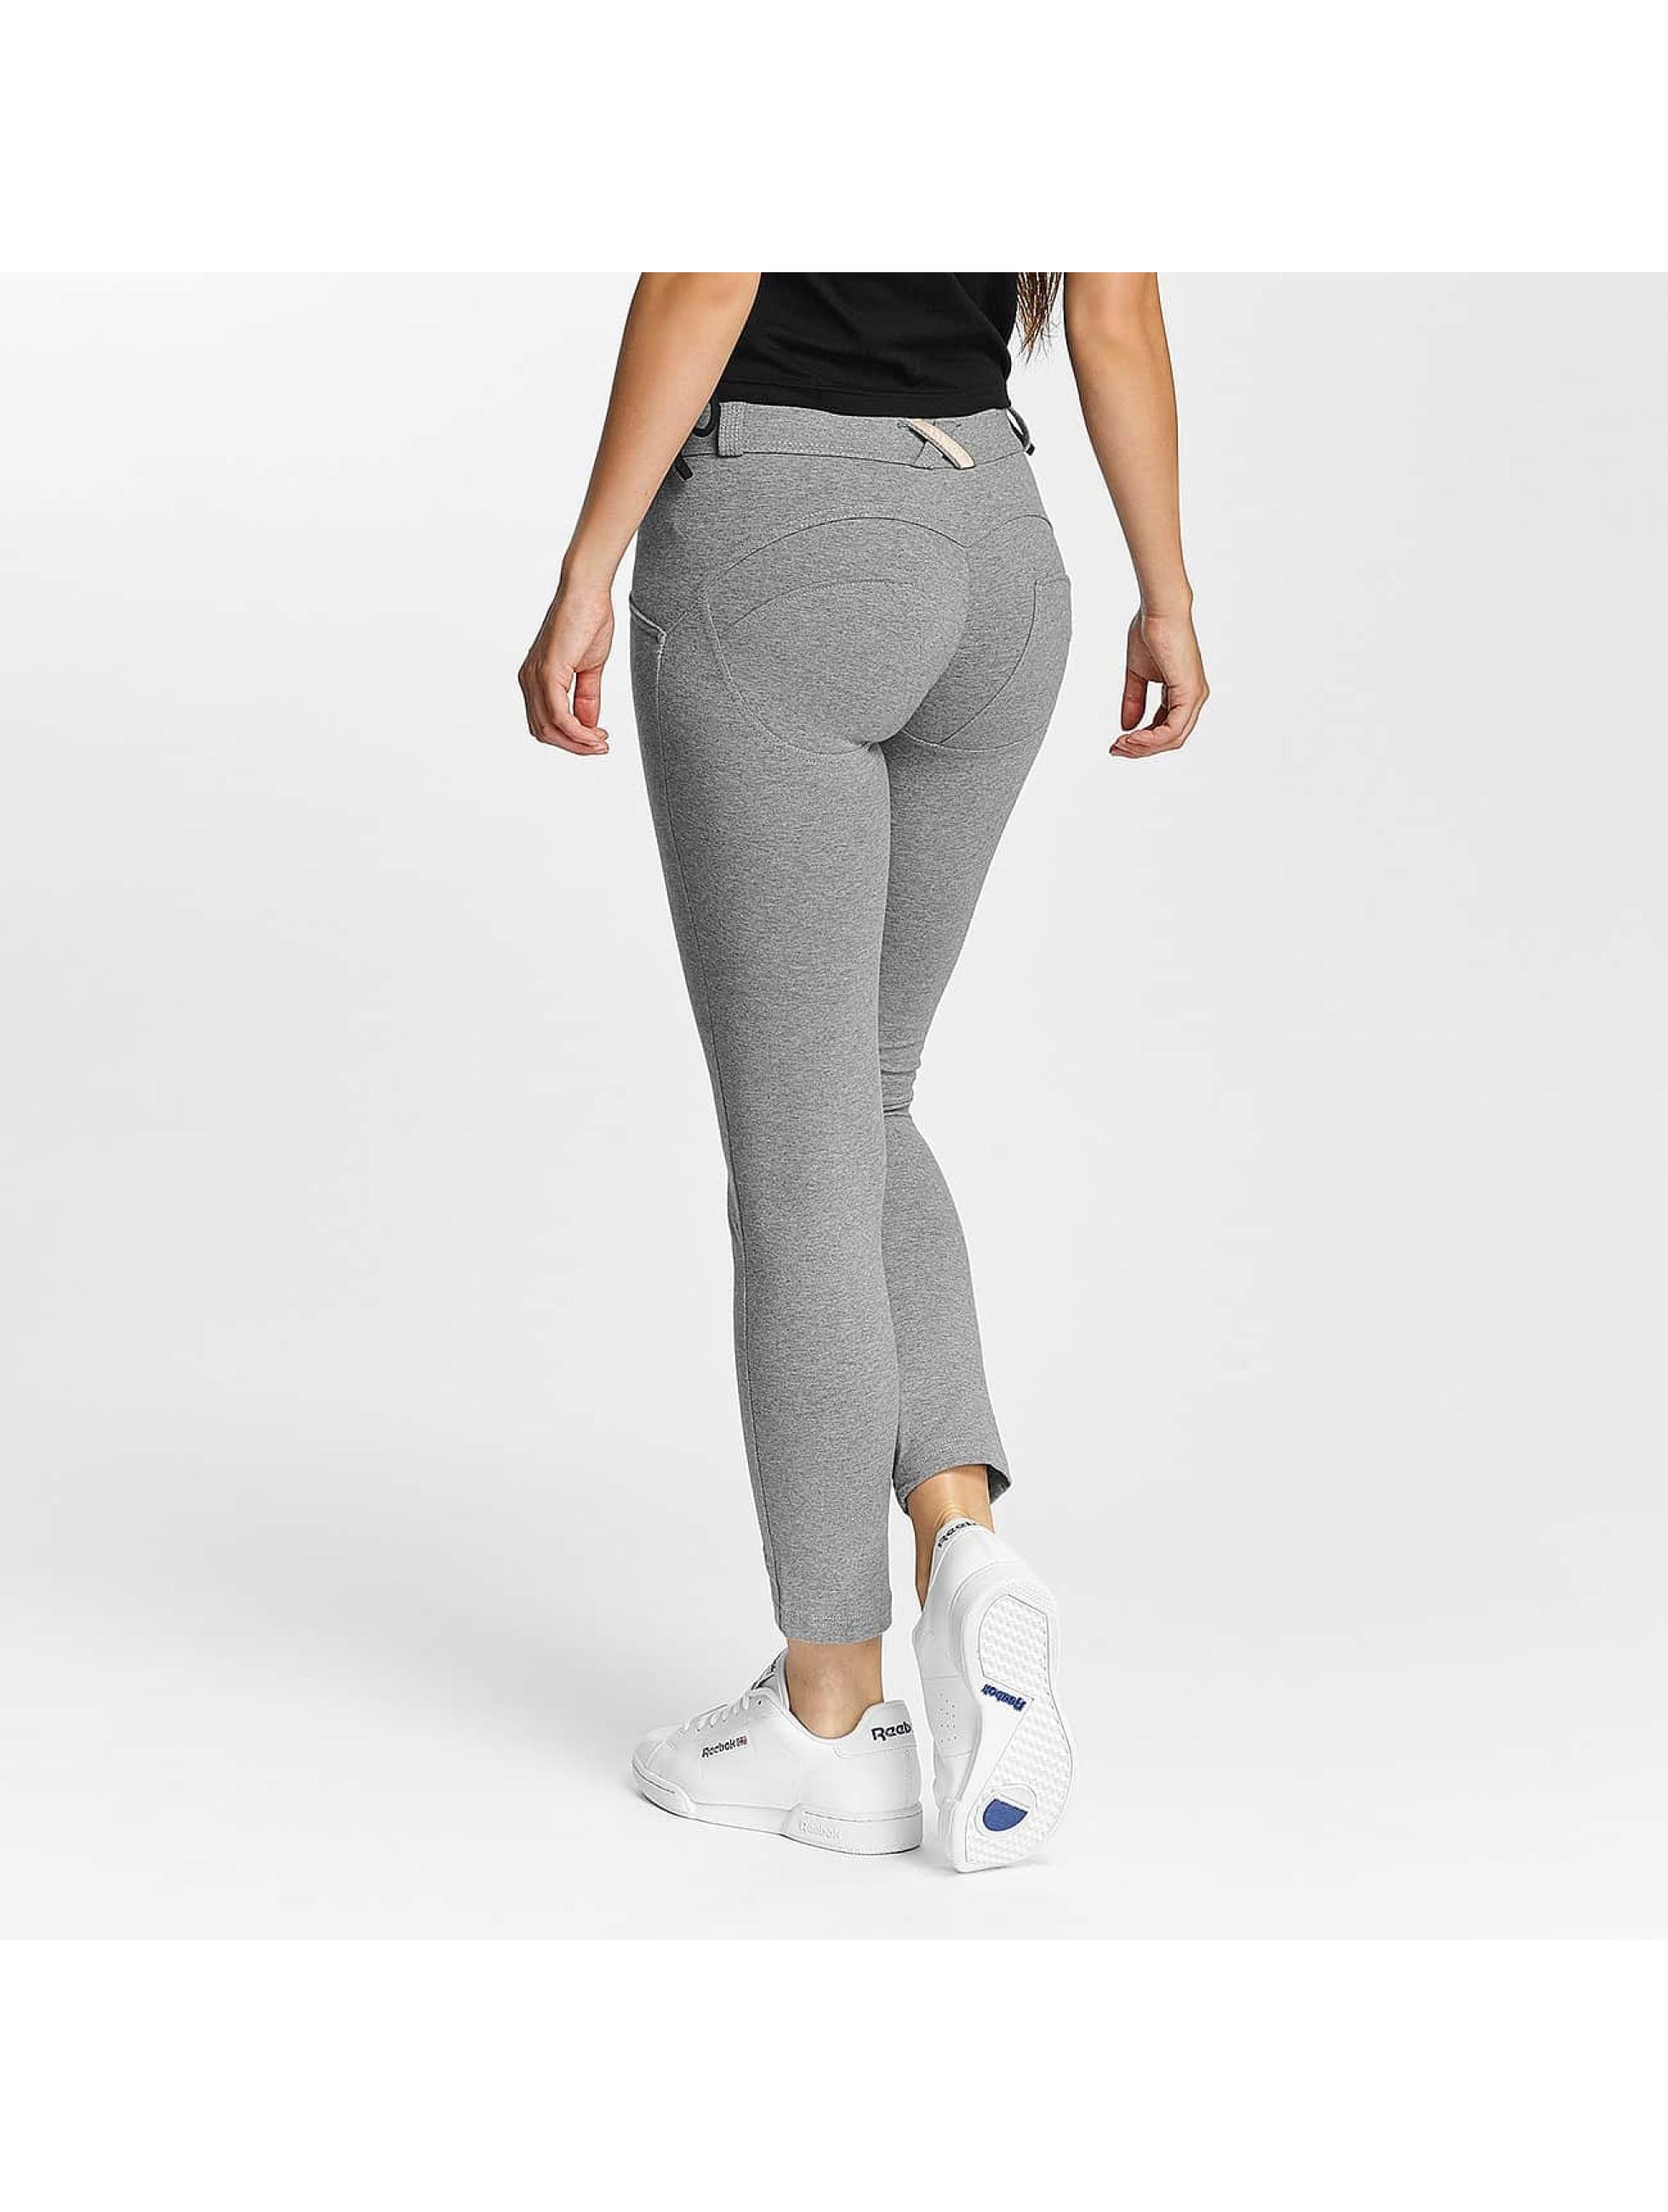 Freddy Skinny Jeans 7/8 Regular grau